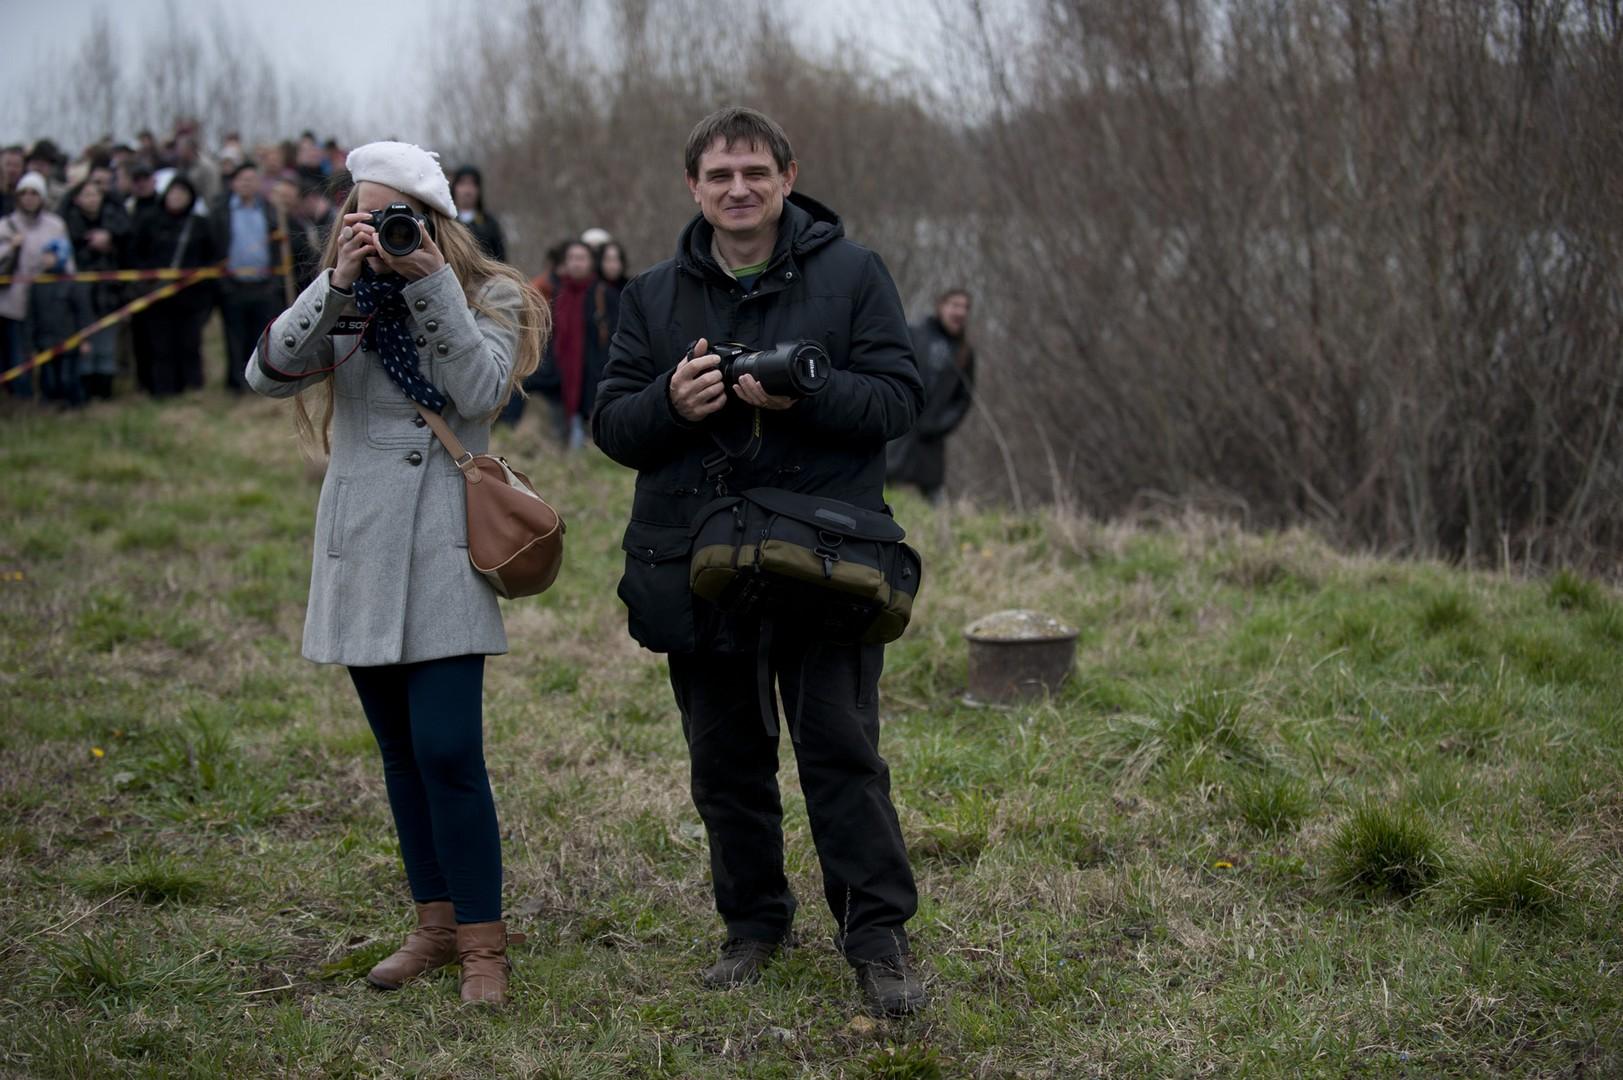 Busójárás - Dunai átkelés Halasi Tünde barátommal és kollégámmal